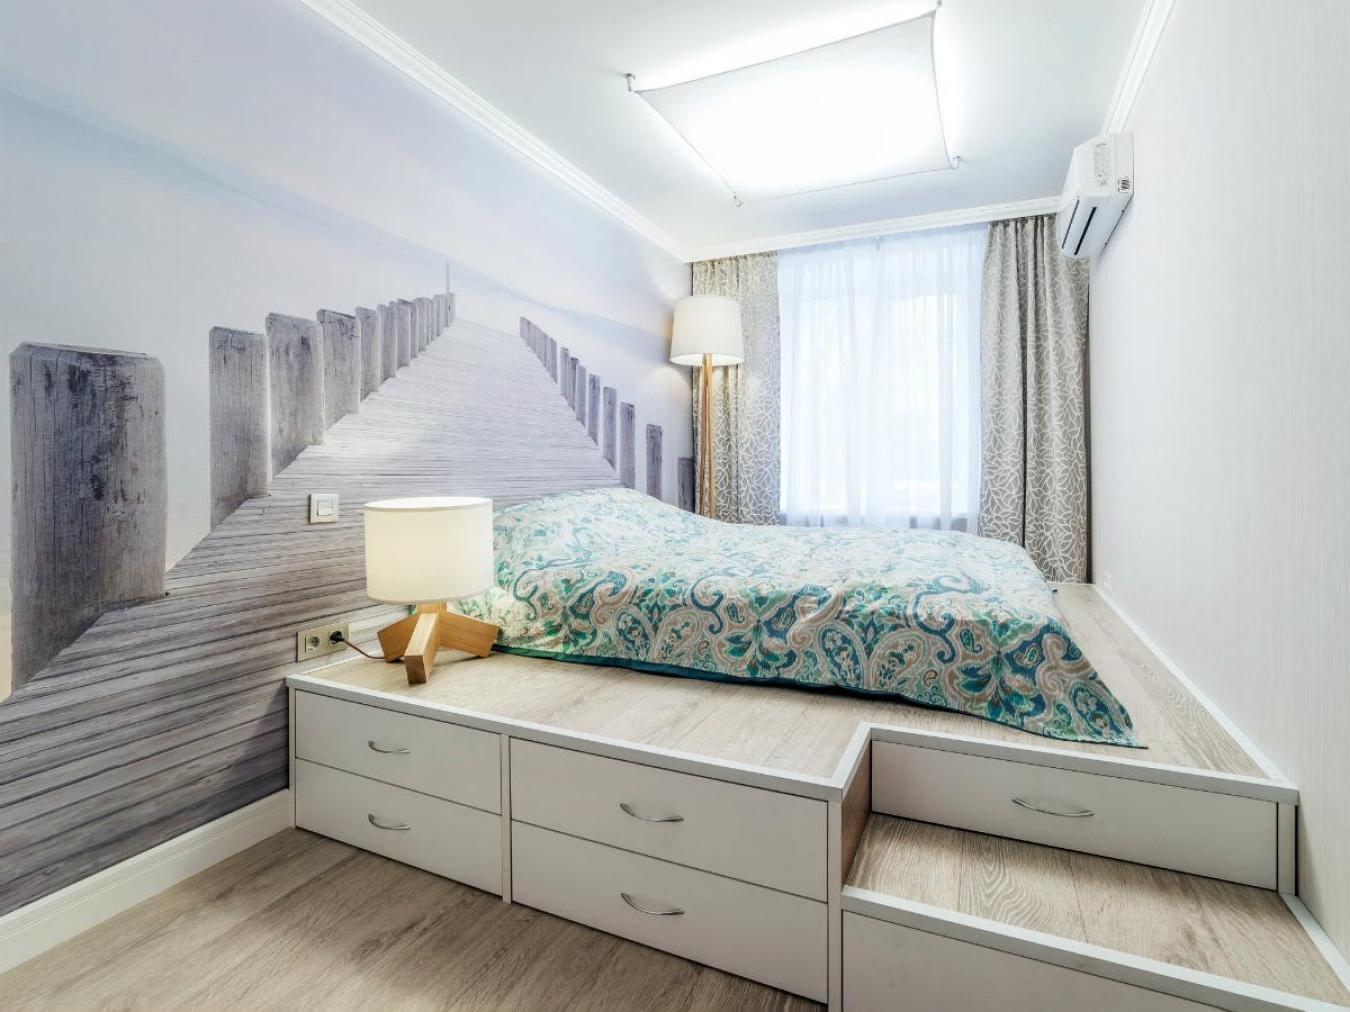 Кровать подиум в спальне с фотообоями